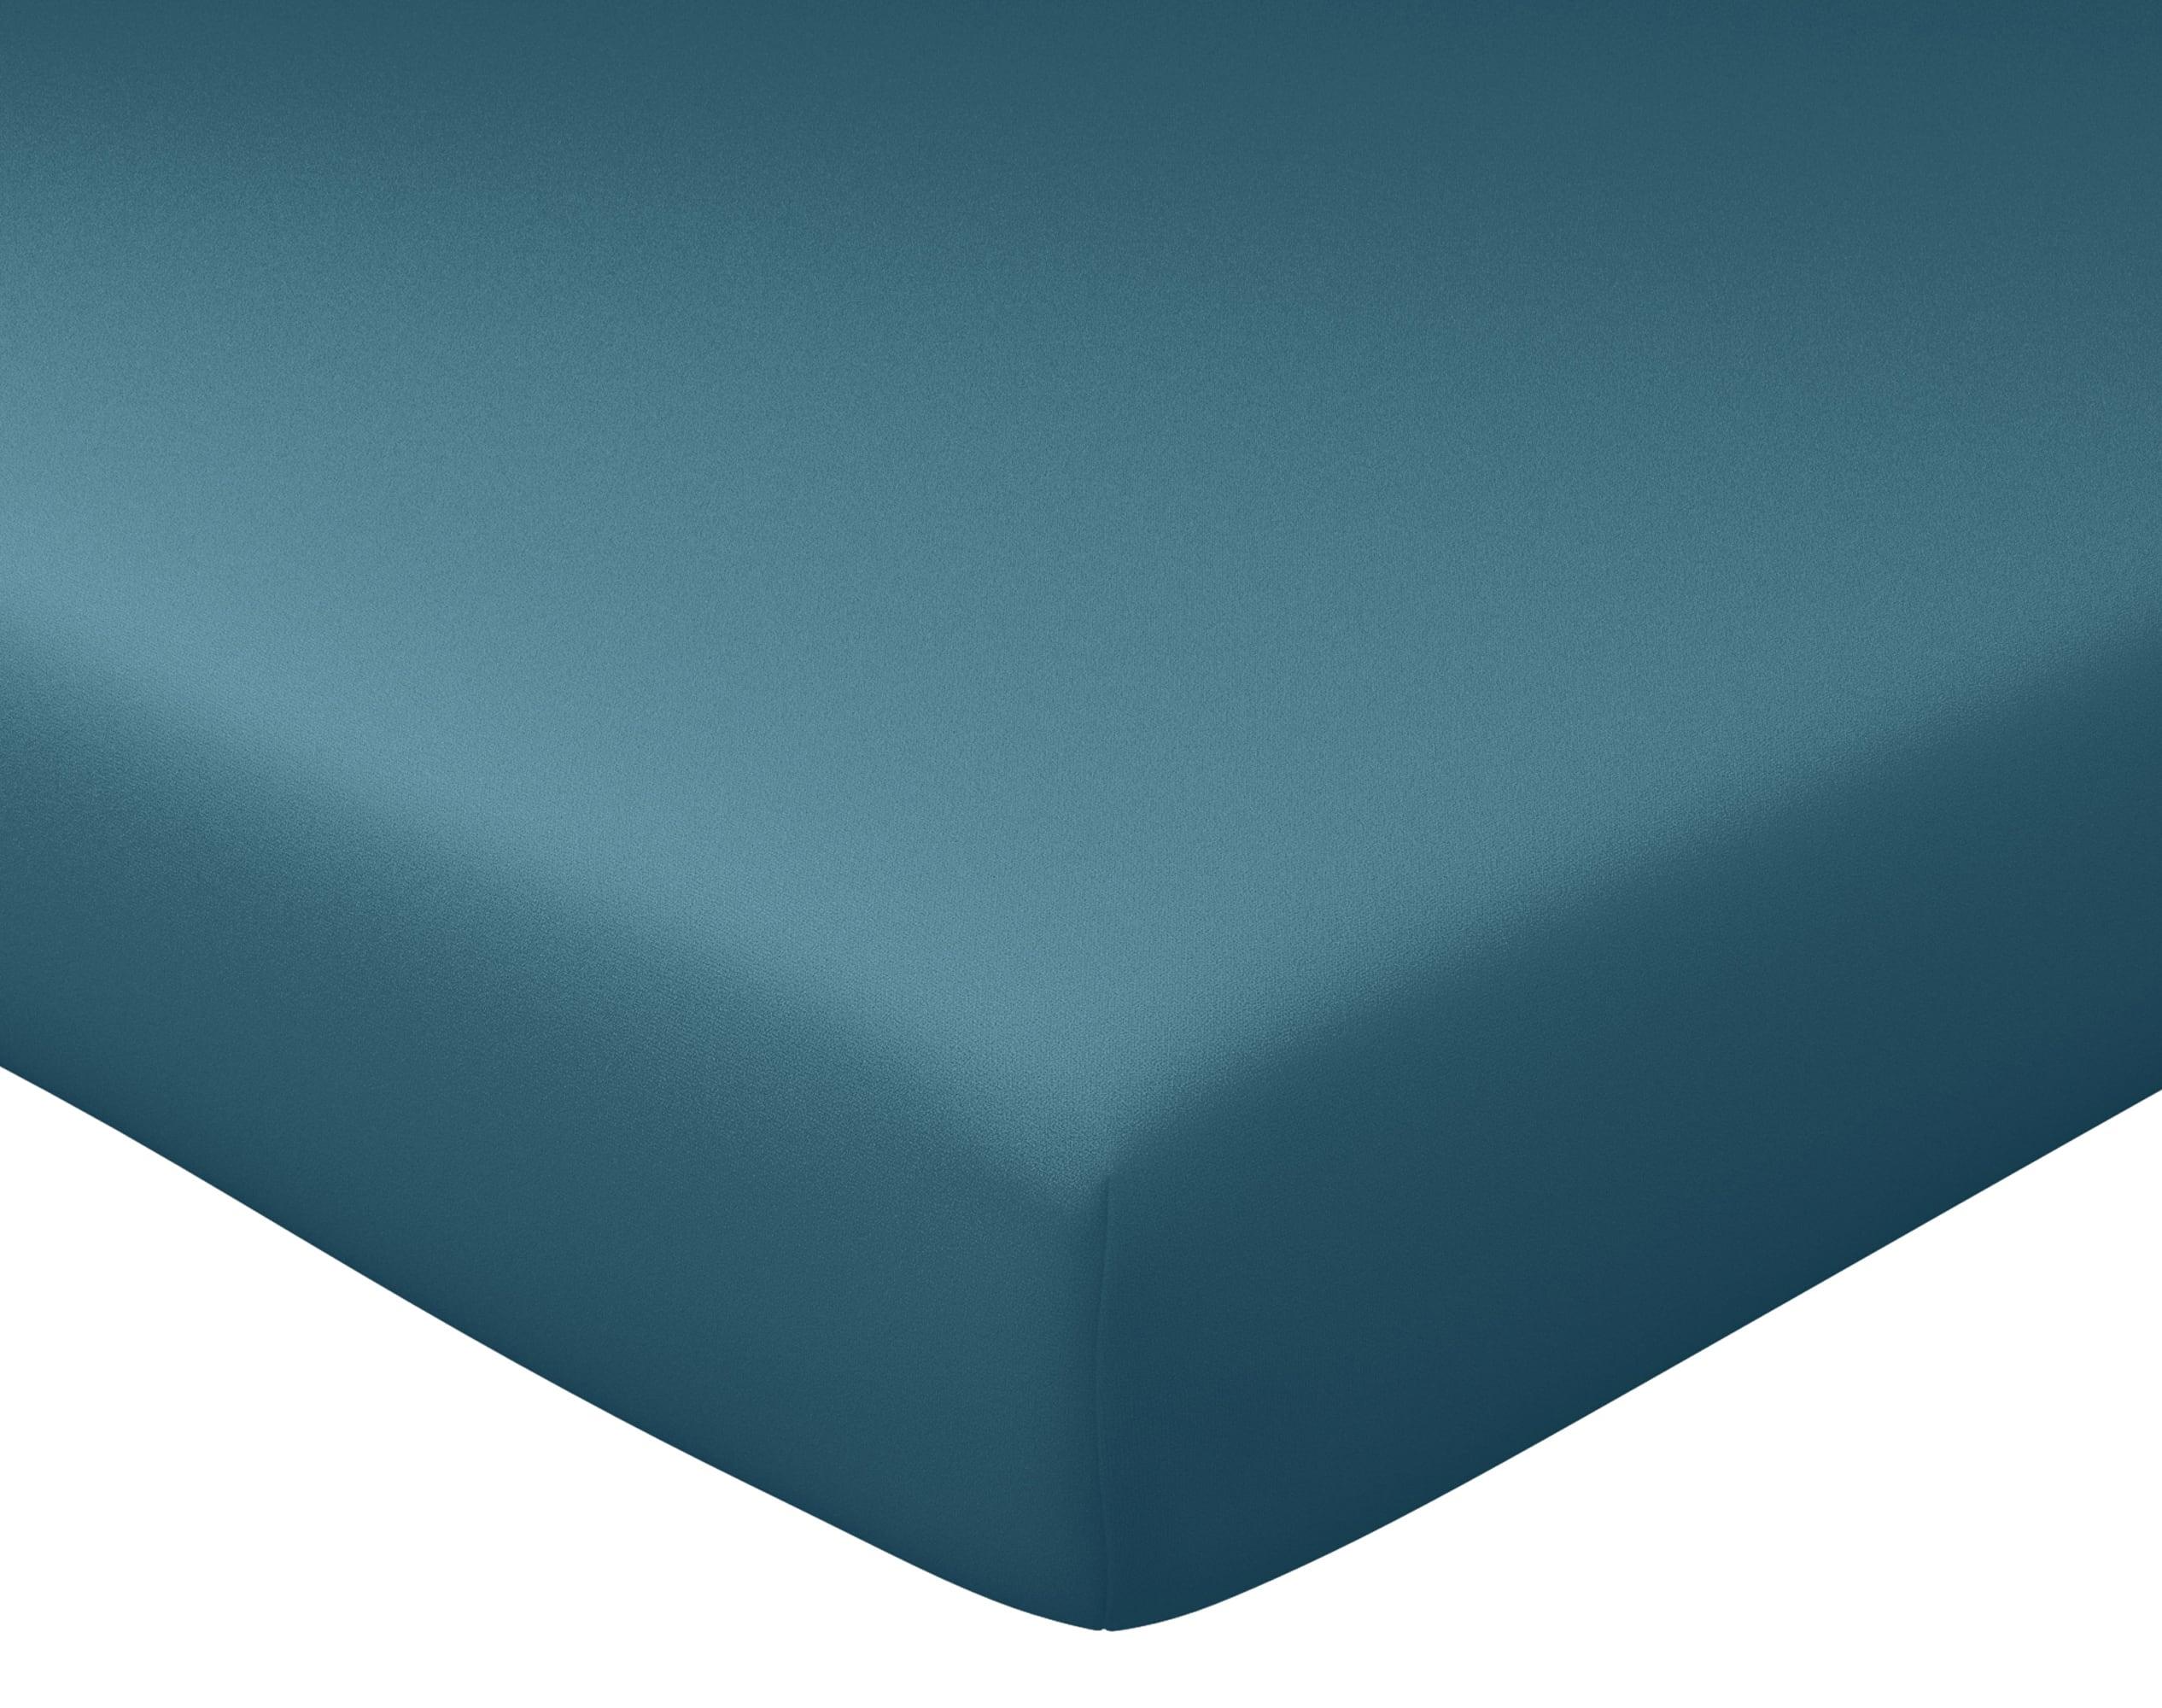 Drap-housse 90x190 en percale de coton bleu canard